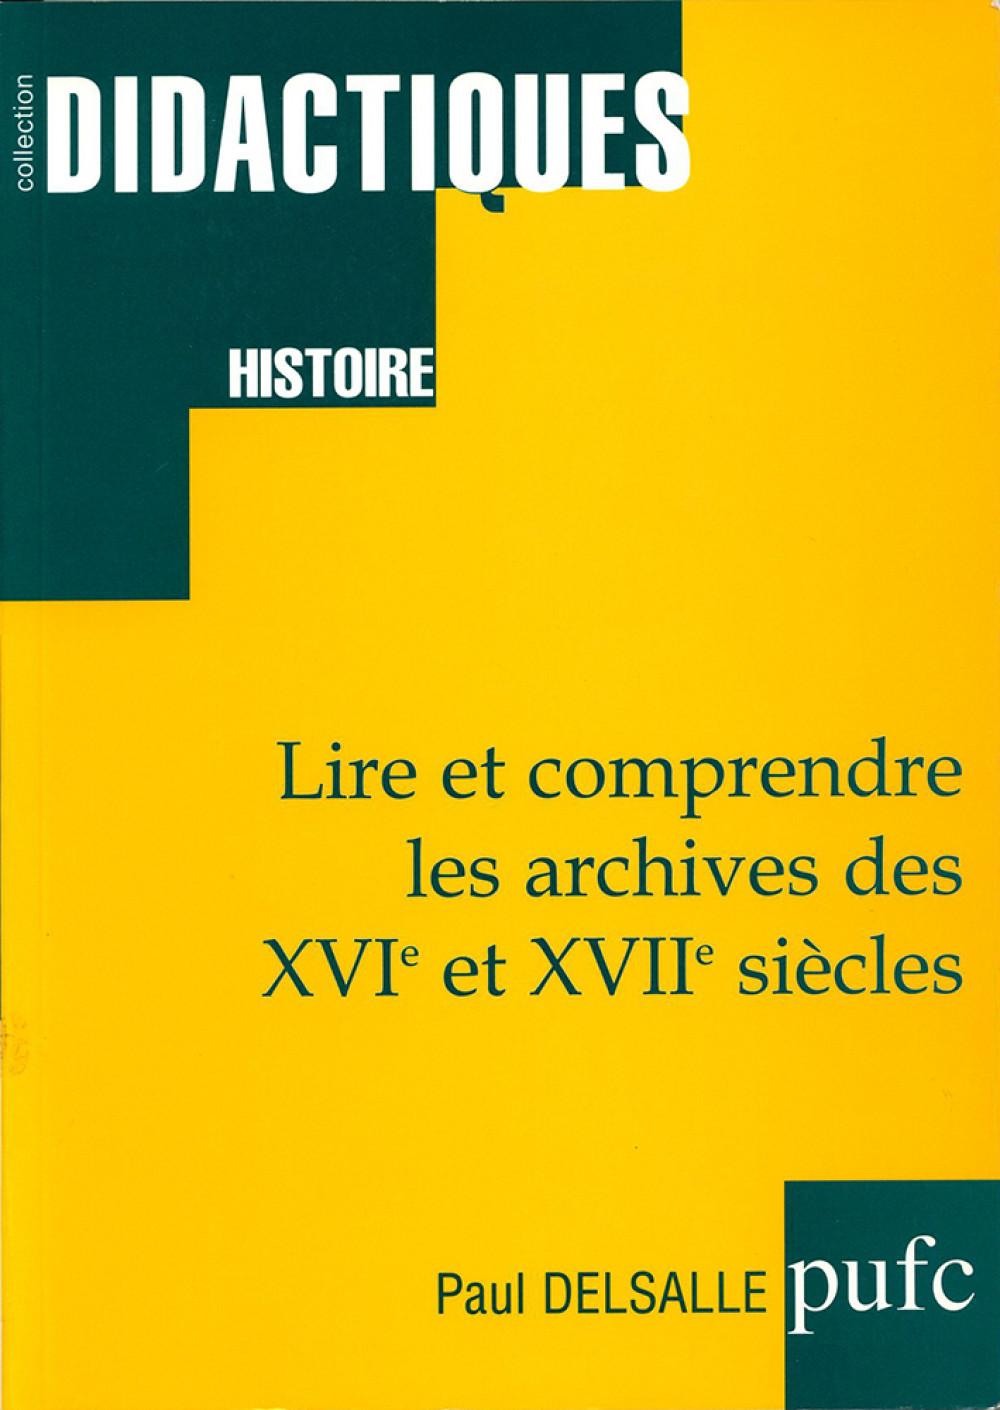 """Lire et comprendre les archives des <span style=""""font-variant: small-caps"""">XVI</span><sup>e</sup> et <span style=""""font-variant: small-caps"""">XVII</span><sup>e</sup> siècles"""